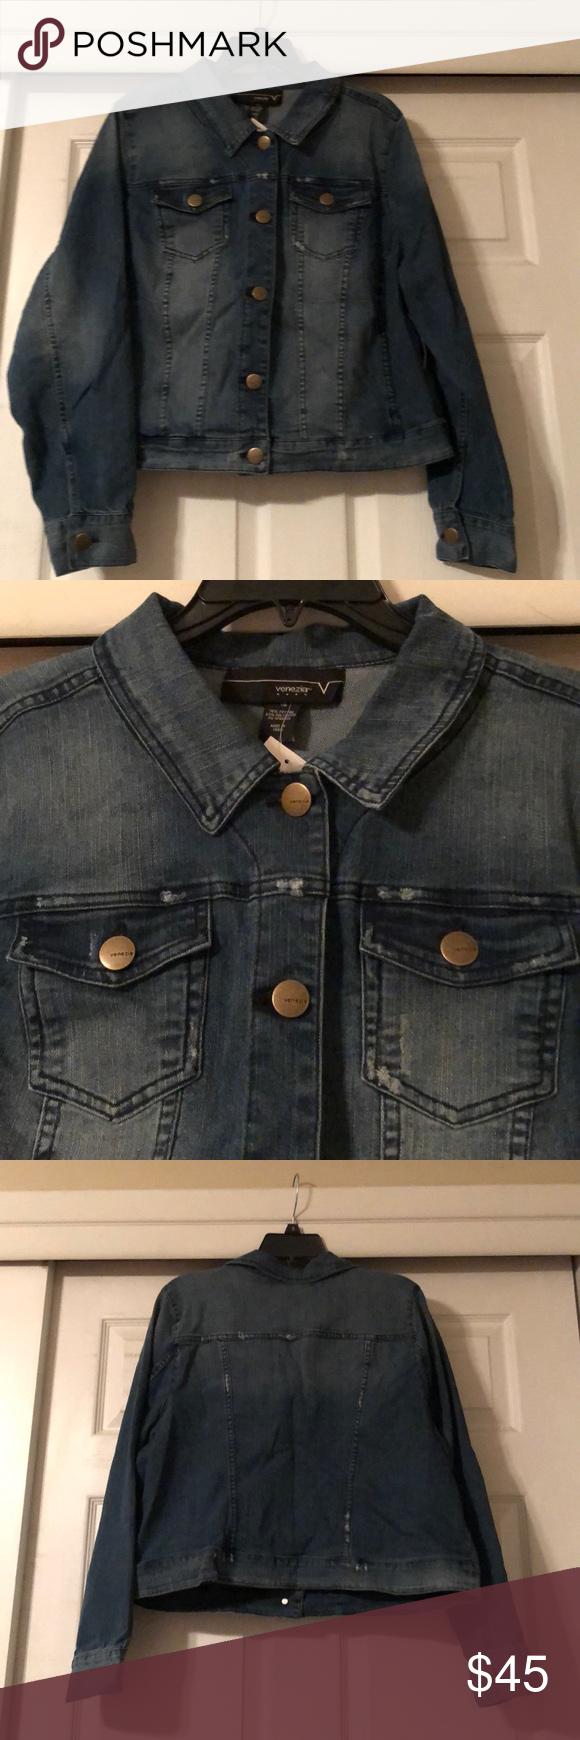 Venezia Denim Jean Jacket Size 18 By Lane Bryant Lane Bryant Denim Jean Jacket Clothes Design [ 1740 x 580 Pixel ]